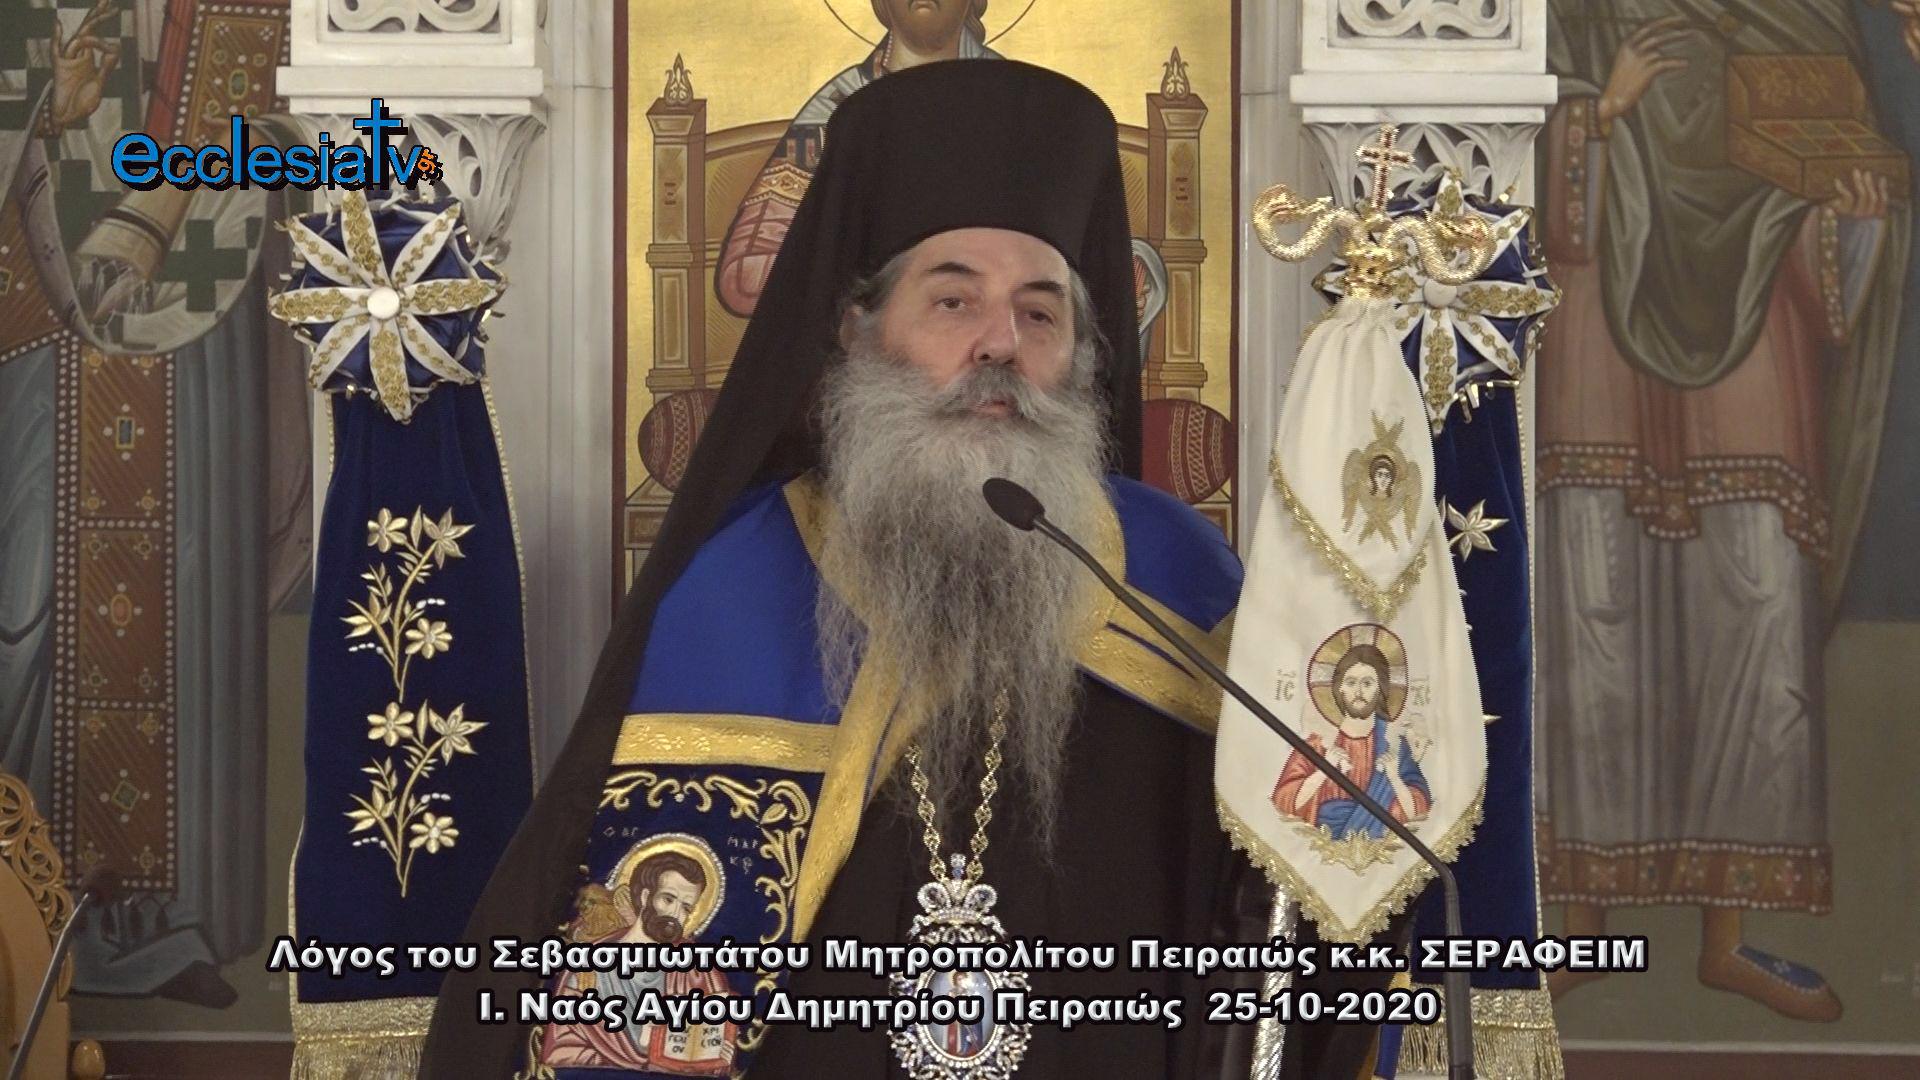 Λόγος του Σεβασμιωτάτου Μητροπολίτου Πειραιώς κ.κ. ΣΕΡΑΦΕΙΜ Ι. Ναός Αγίου Δημητρίου Πειραιώς  25-10-2020